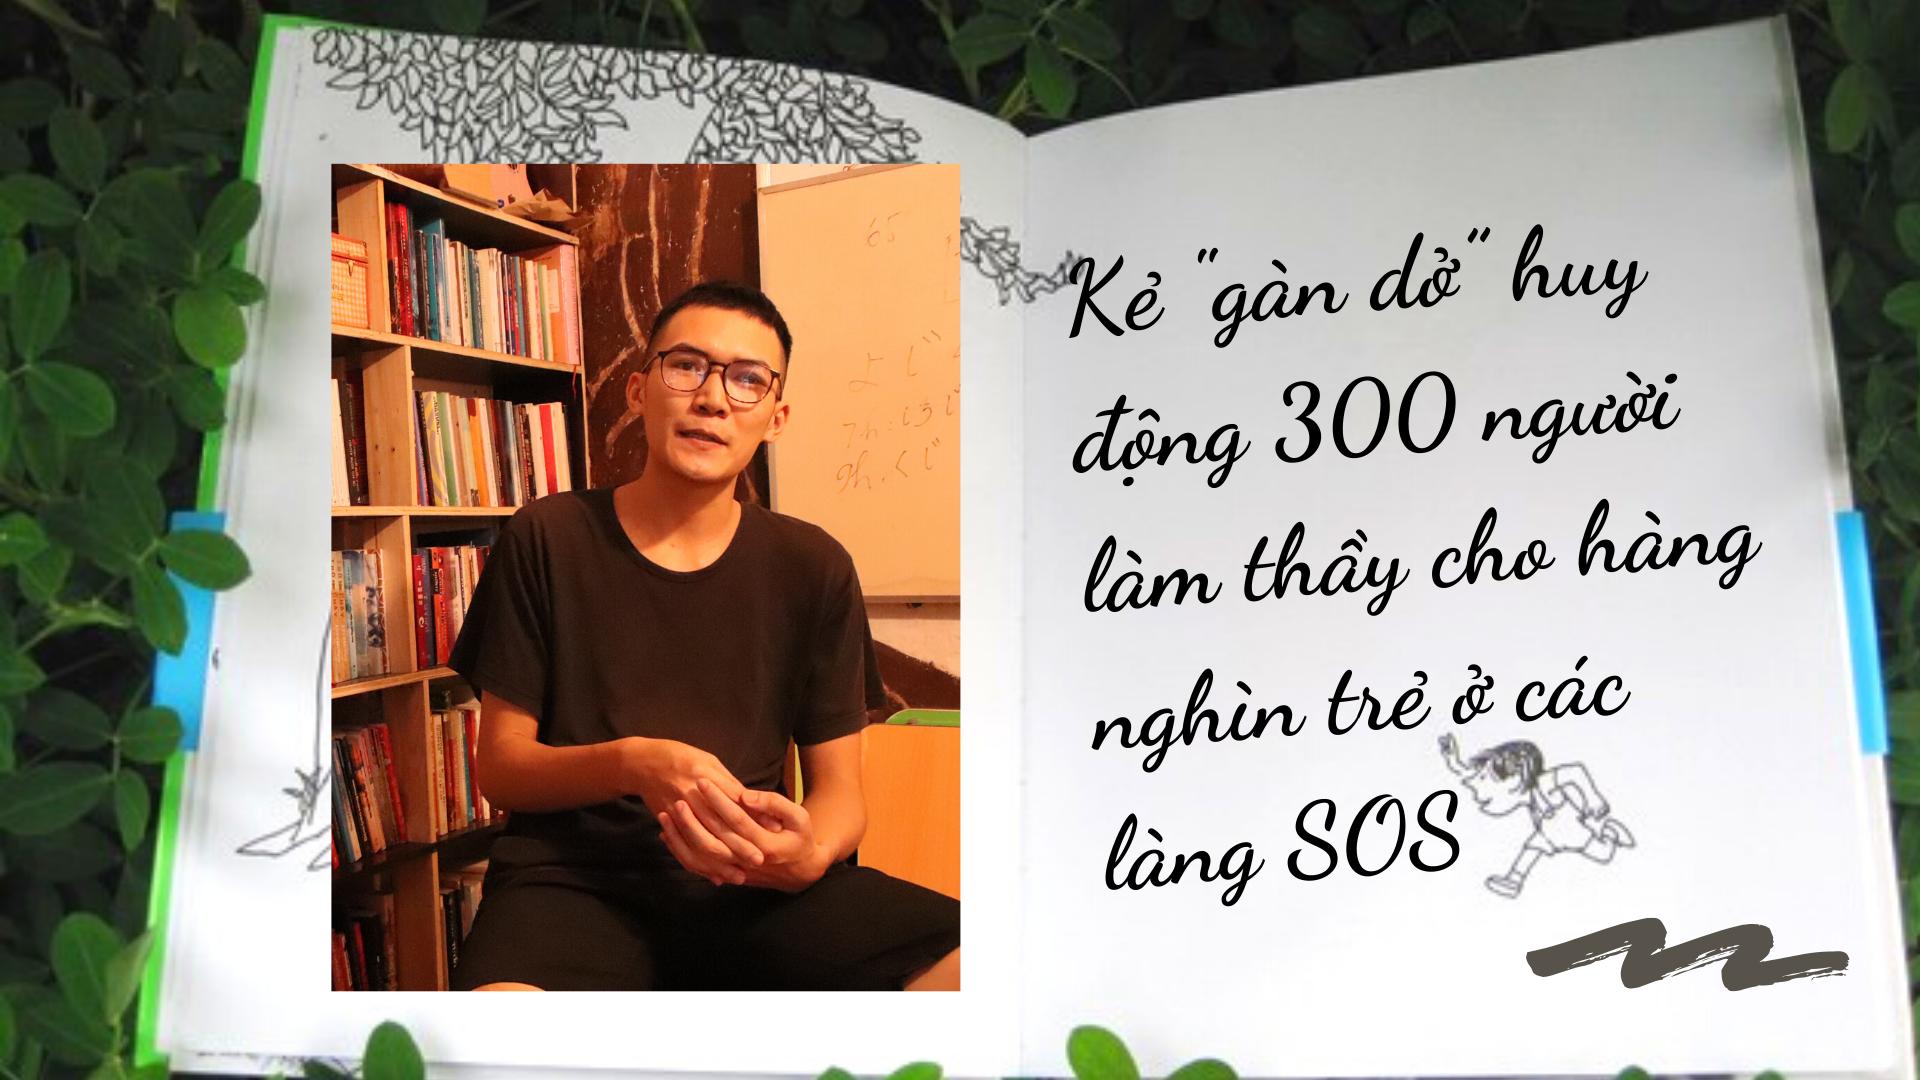 """Kẻ """"gàn dở"""" huy động 300 người """"làm thầy"""" cho hàng nghìn trẻ ở các làng SOS - Ảnh 1."""